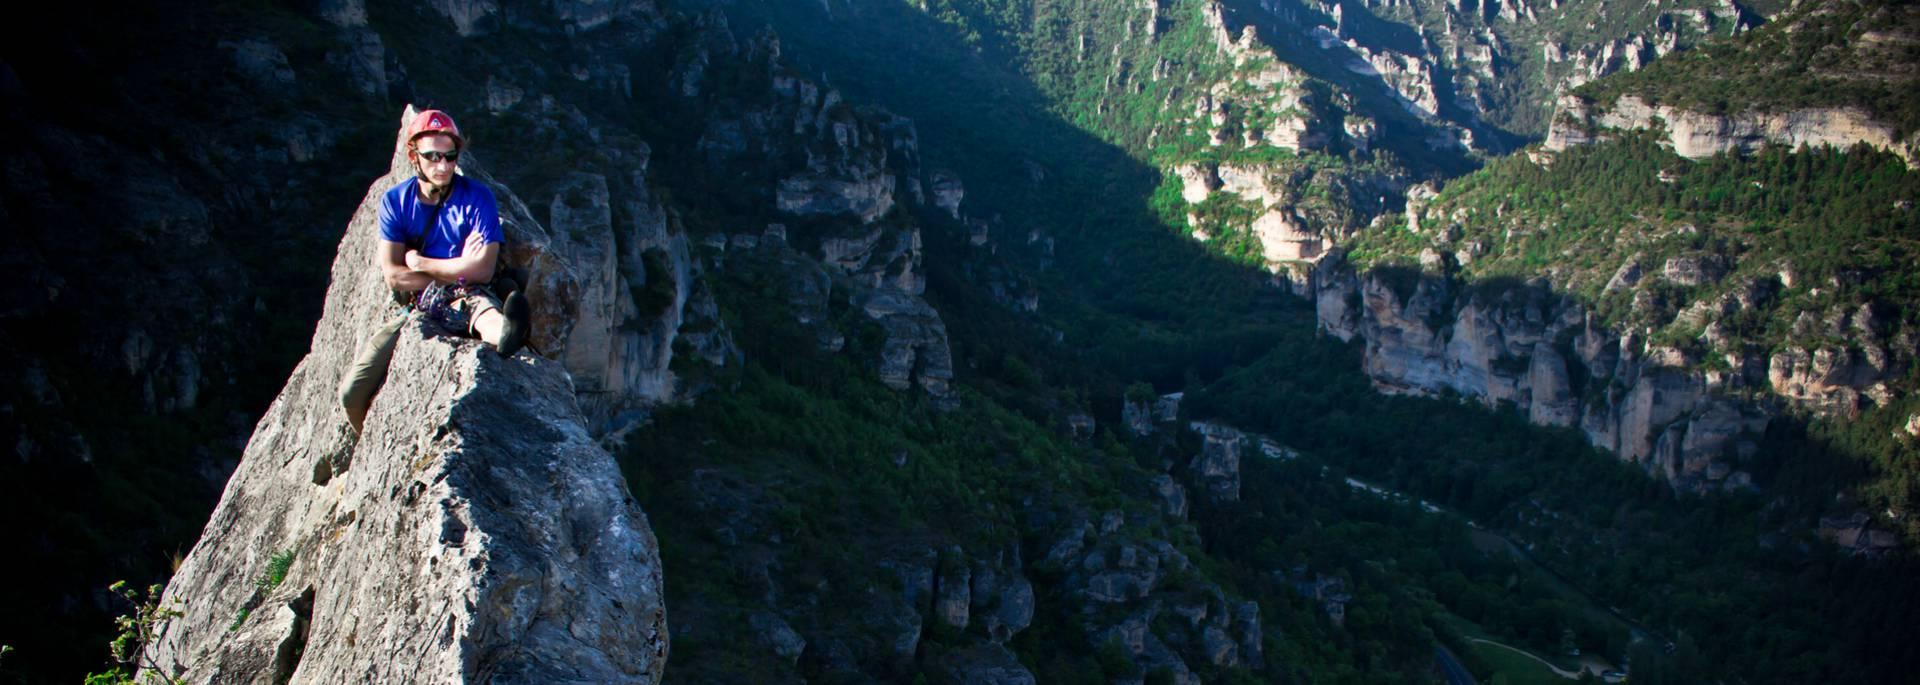 Grande voie facile dans les Gorges du TArn